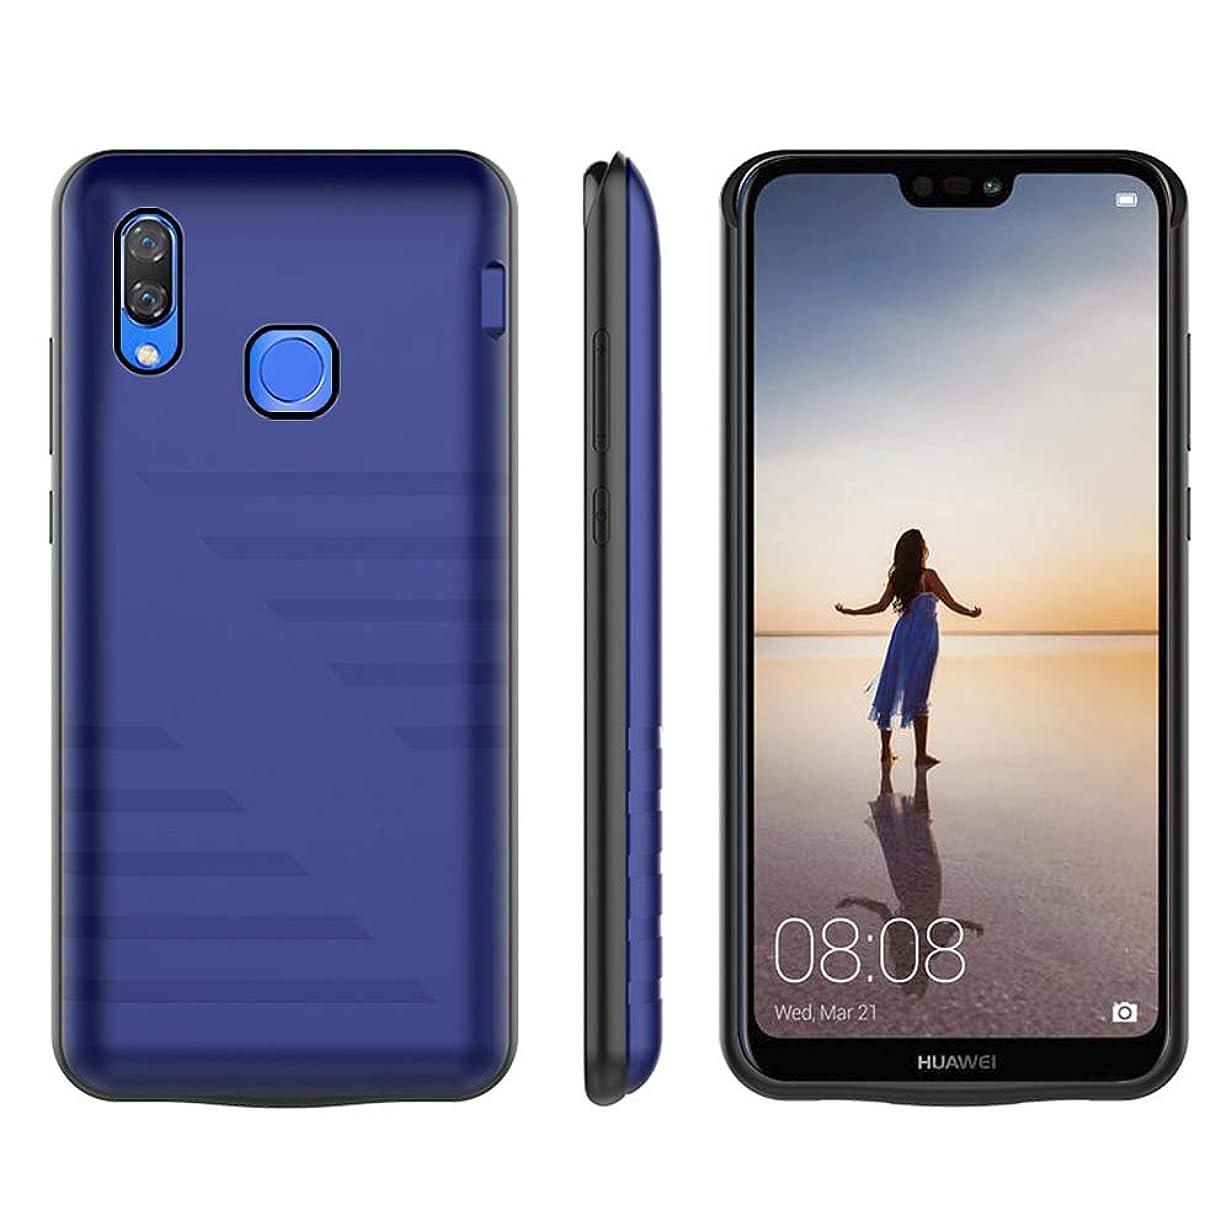 歯科の群がる解明Moonmini Huawei Nova 3e 5000mAh バッテリー内蔵ケース対応、5000mAh 超大容量 バッテリーケース 充電ケース 充電器 薄型 軽量 急速充電 ケース型バッテリー 超便利 Huawei Nova 3e 5000mAh適応battery case-Blue